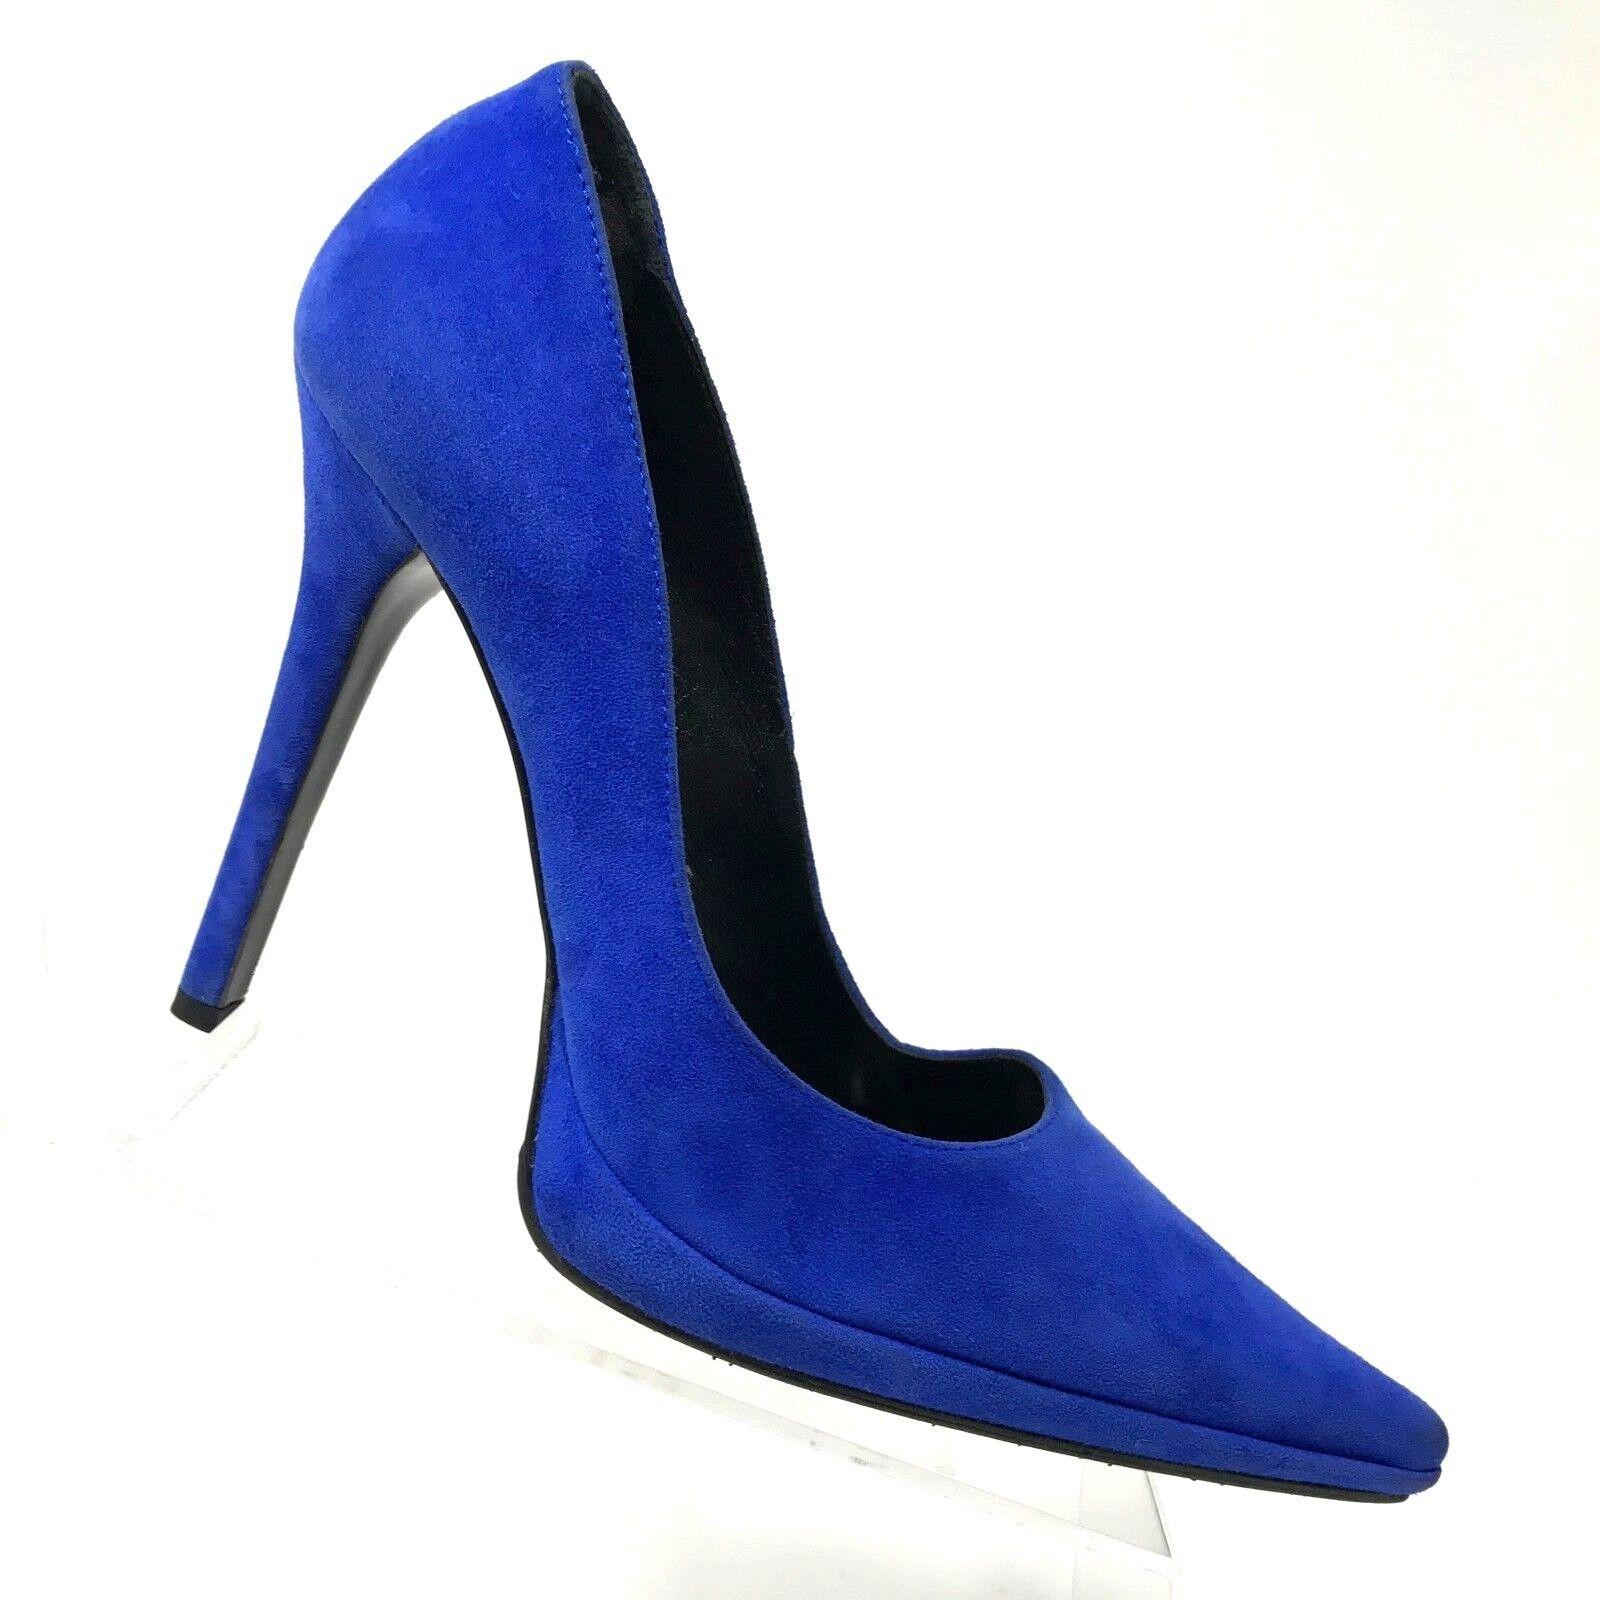 Casadei bleu Suede Platform Pump Pointed Toe Stiletto Heel femmes chaussures Taille 8